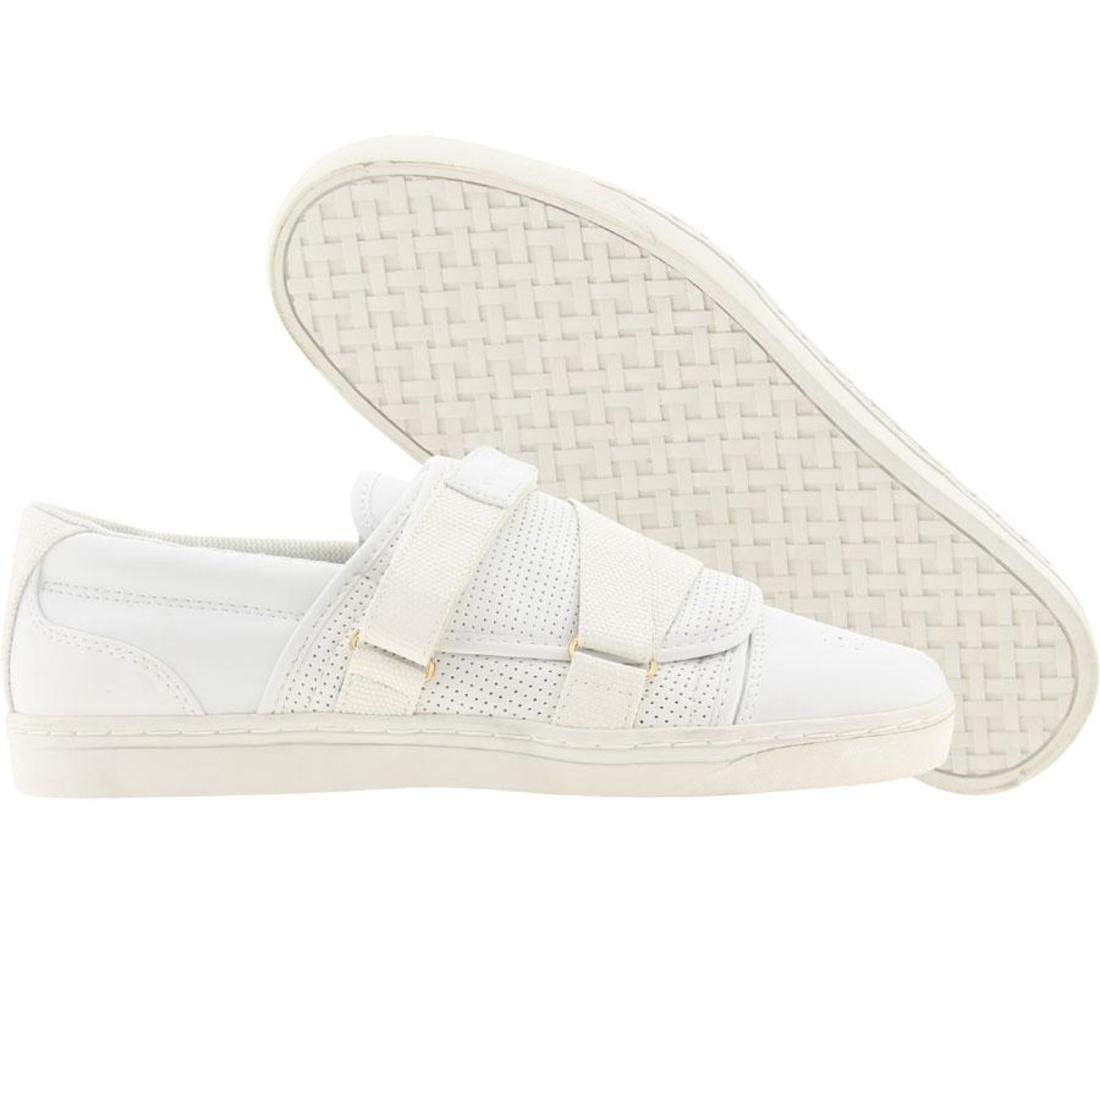 【海外限定】スニーカー 靴 【 CIPHER SUBTERRANEAN SUSTAINABLE WHITE 】